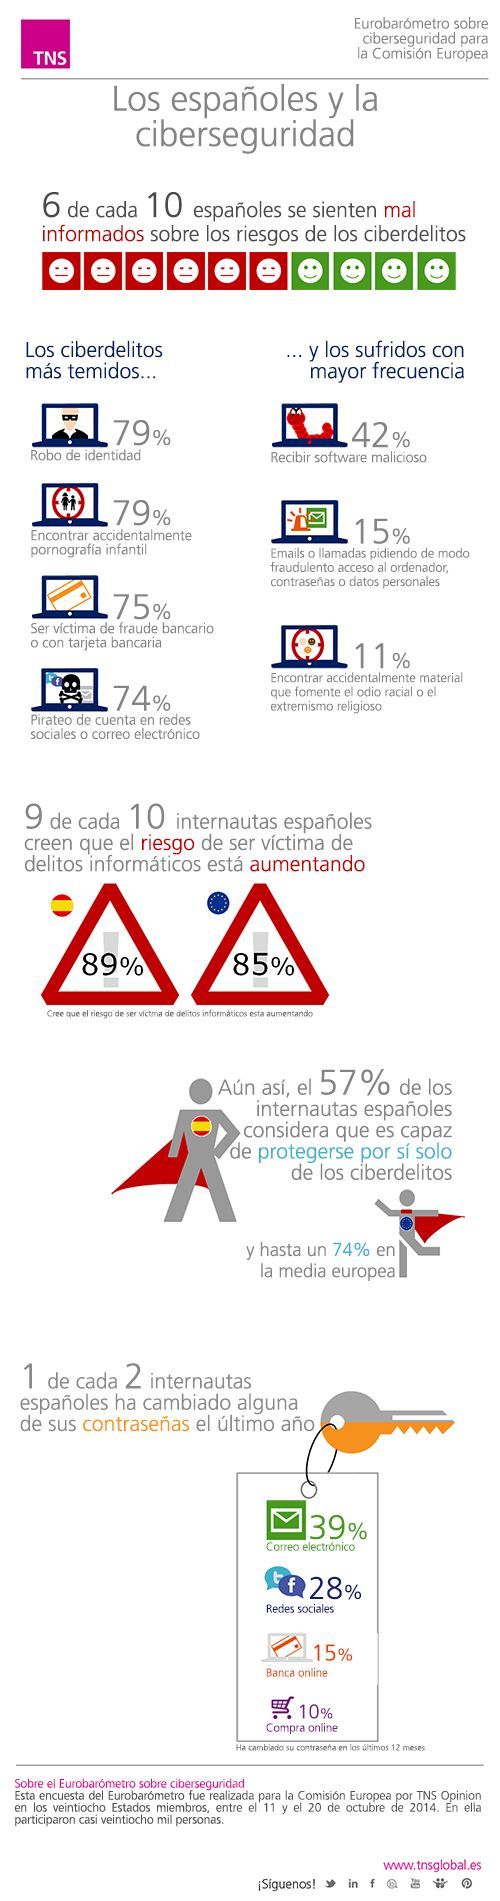 Eurobarómetro sobre ciberseguridad, ¿nos sentimos seguros los españoles?